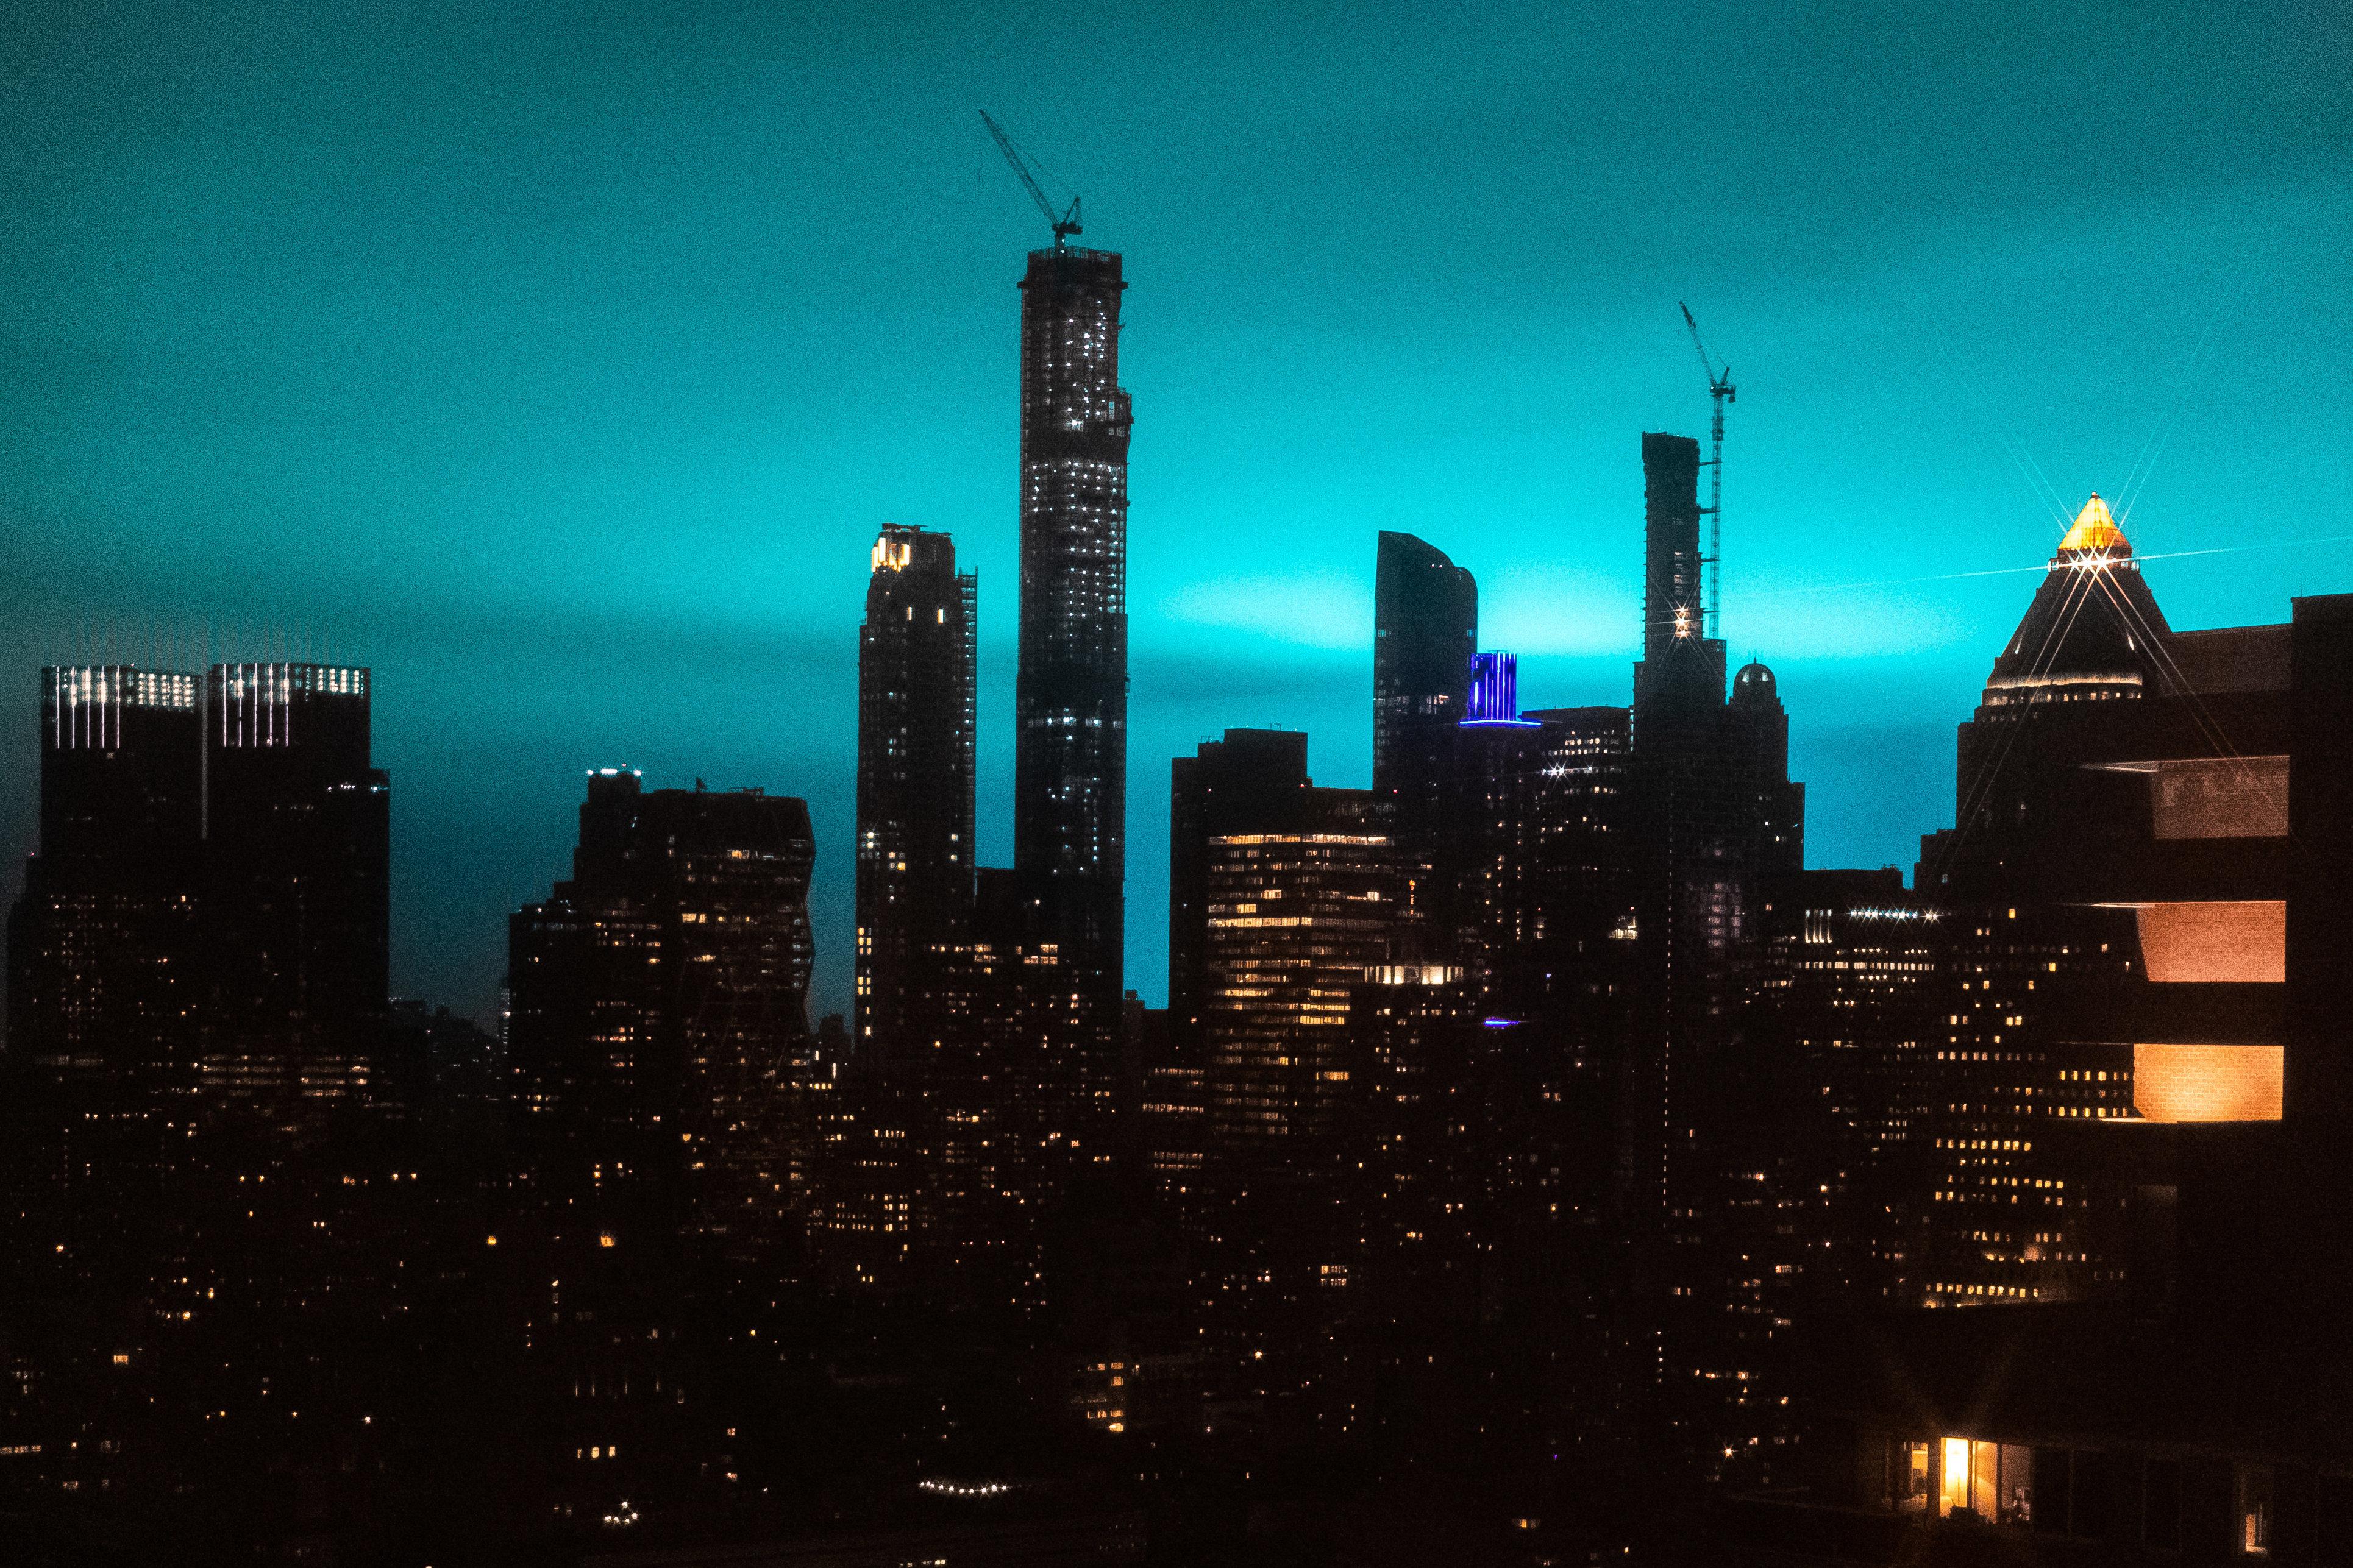 미국 뉴욕 하늘이 갑자기 파란색으로 변하자 '외계인 드립'이